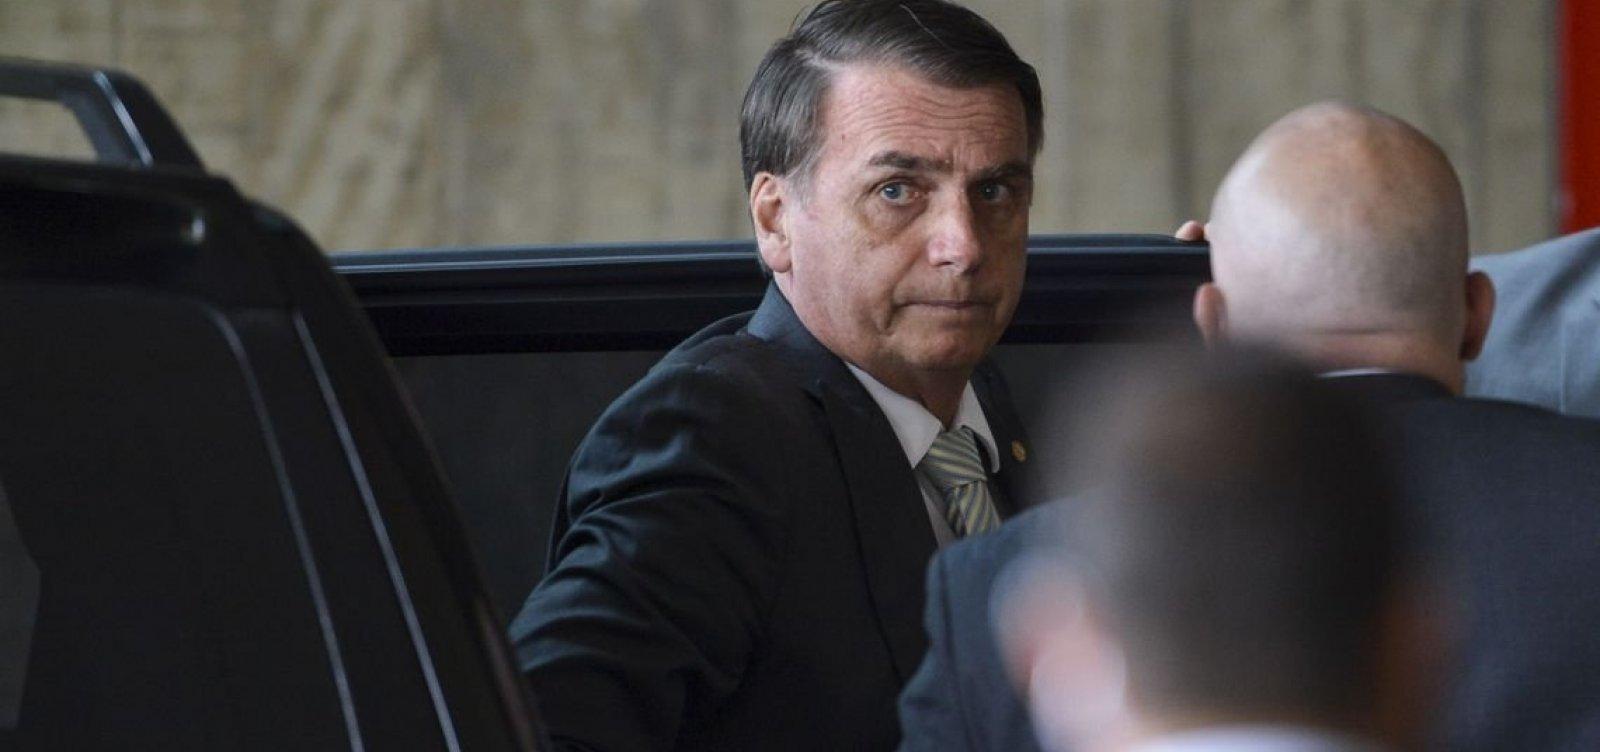 [Eleição de Bolsonaro traz 'oportunidade histórica', diz assessor de Trump]